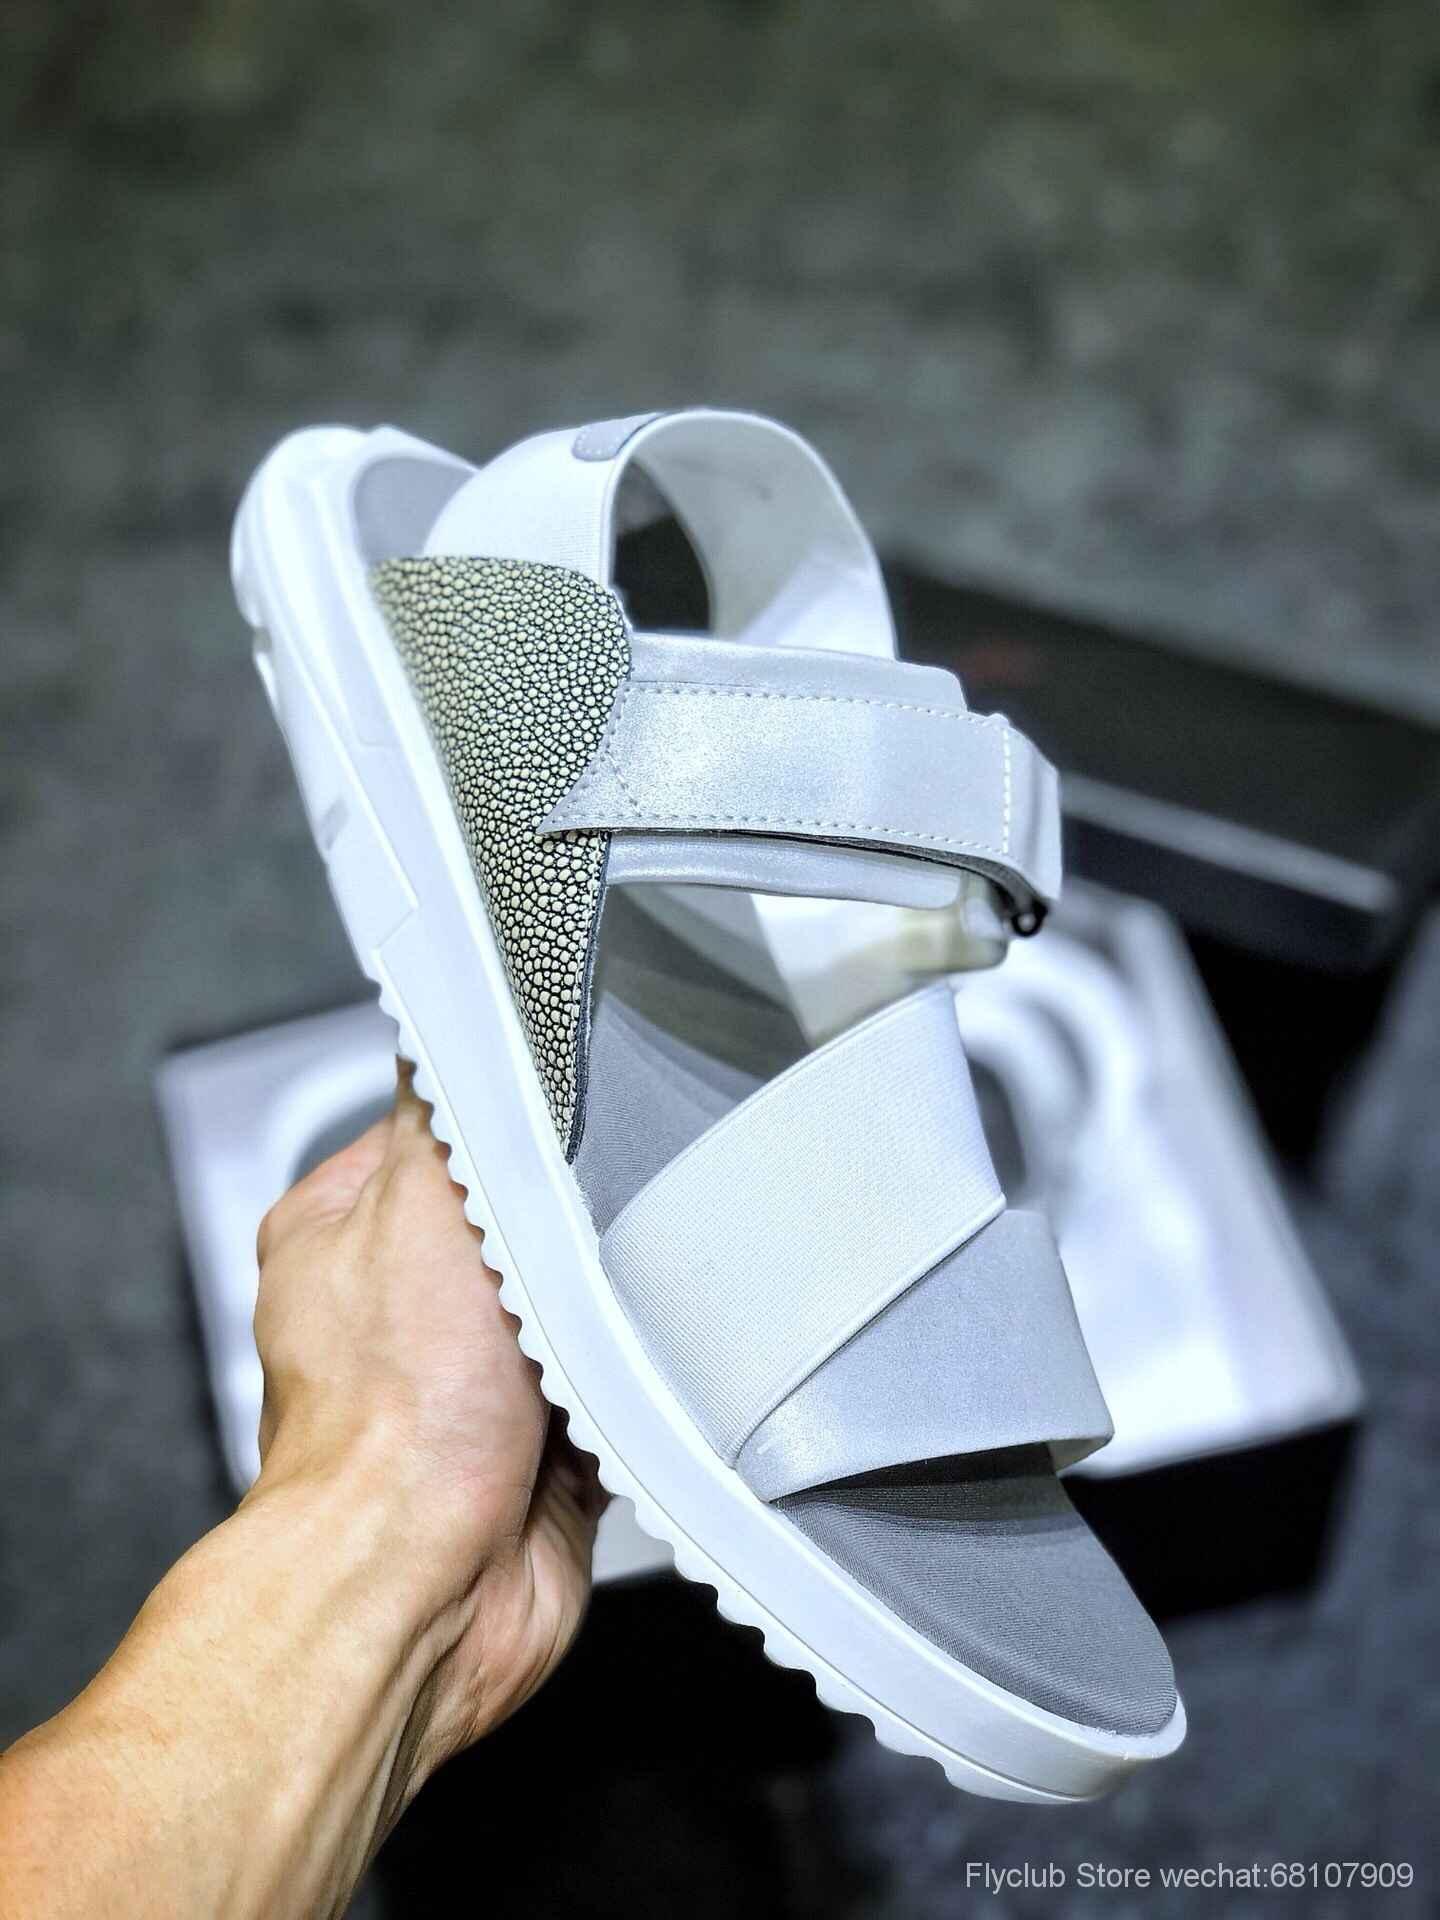 鞋后跟松紧带_今夏最流行的adidas Y3发光凉鞋火爆登场,山本大叔又一大杰作 ...